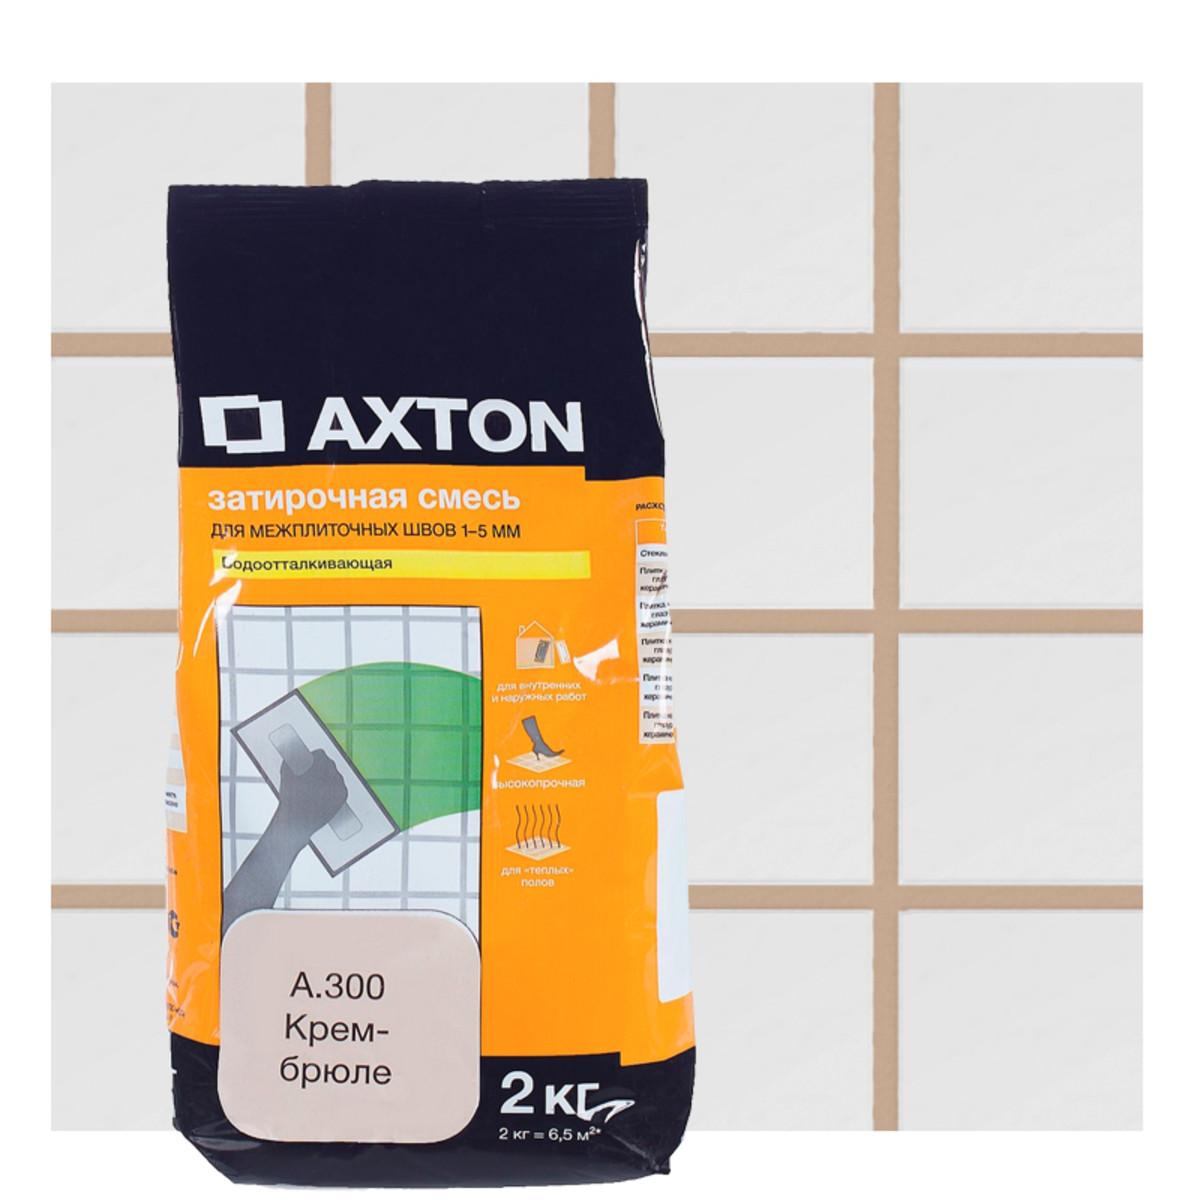 Затирка цементная Axton А.300 2 кг цвет крем-брюле